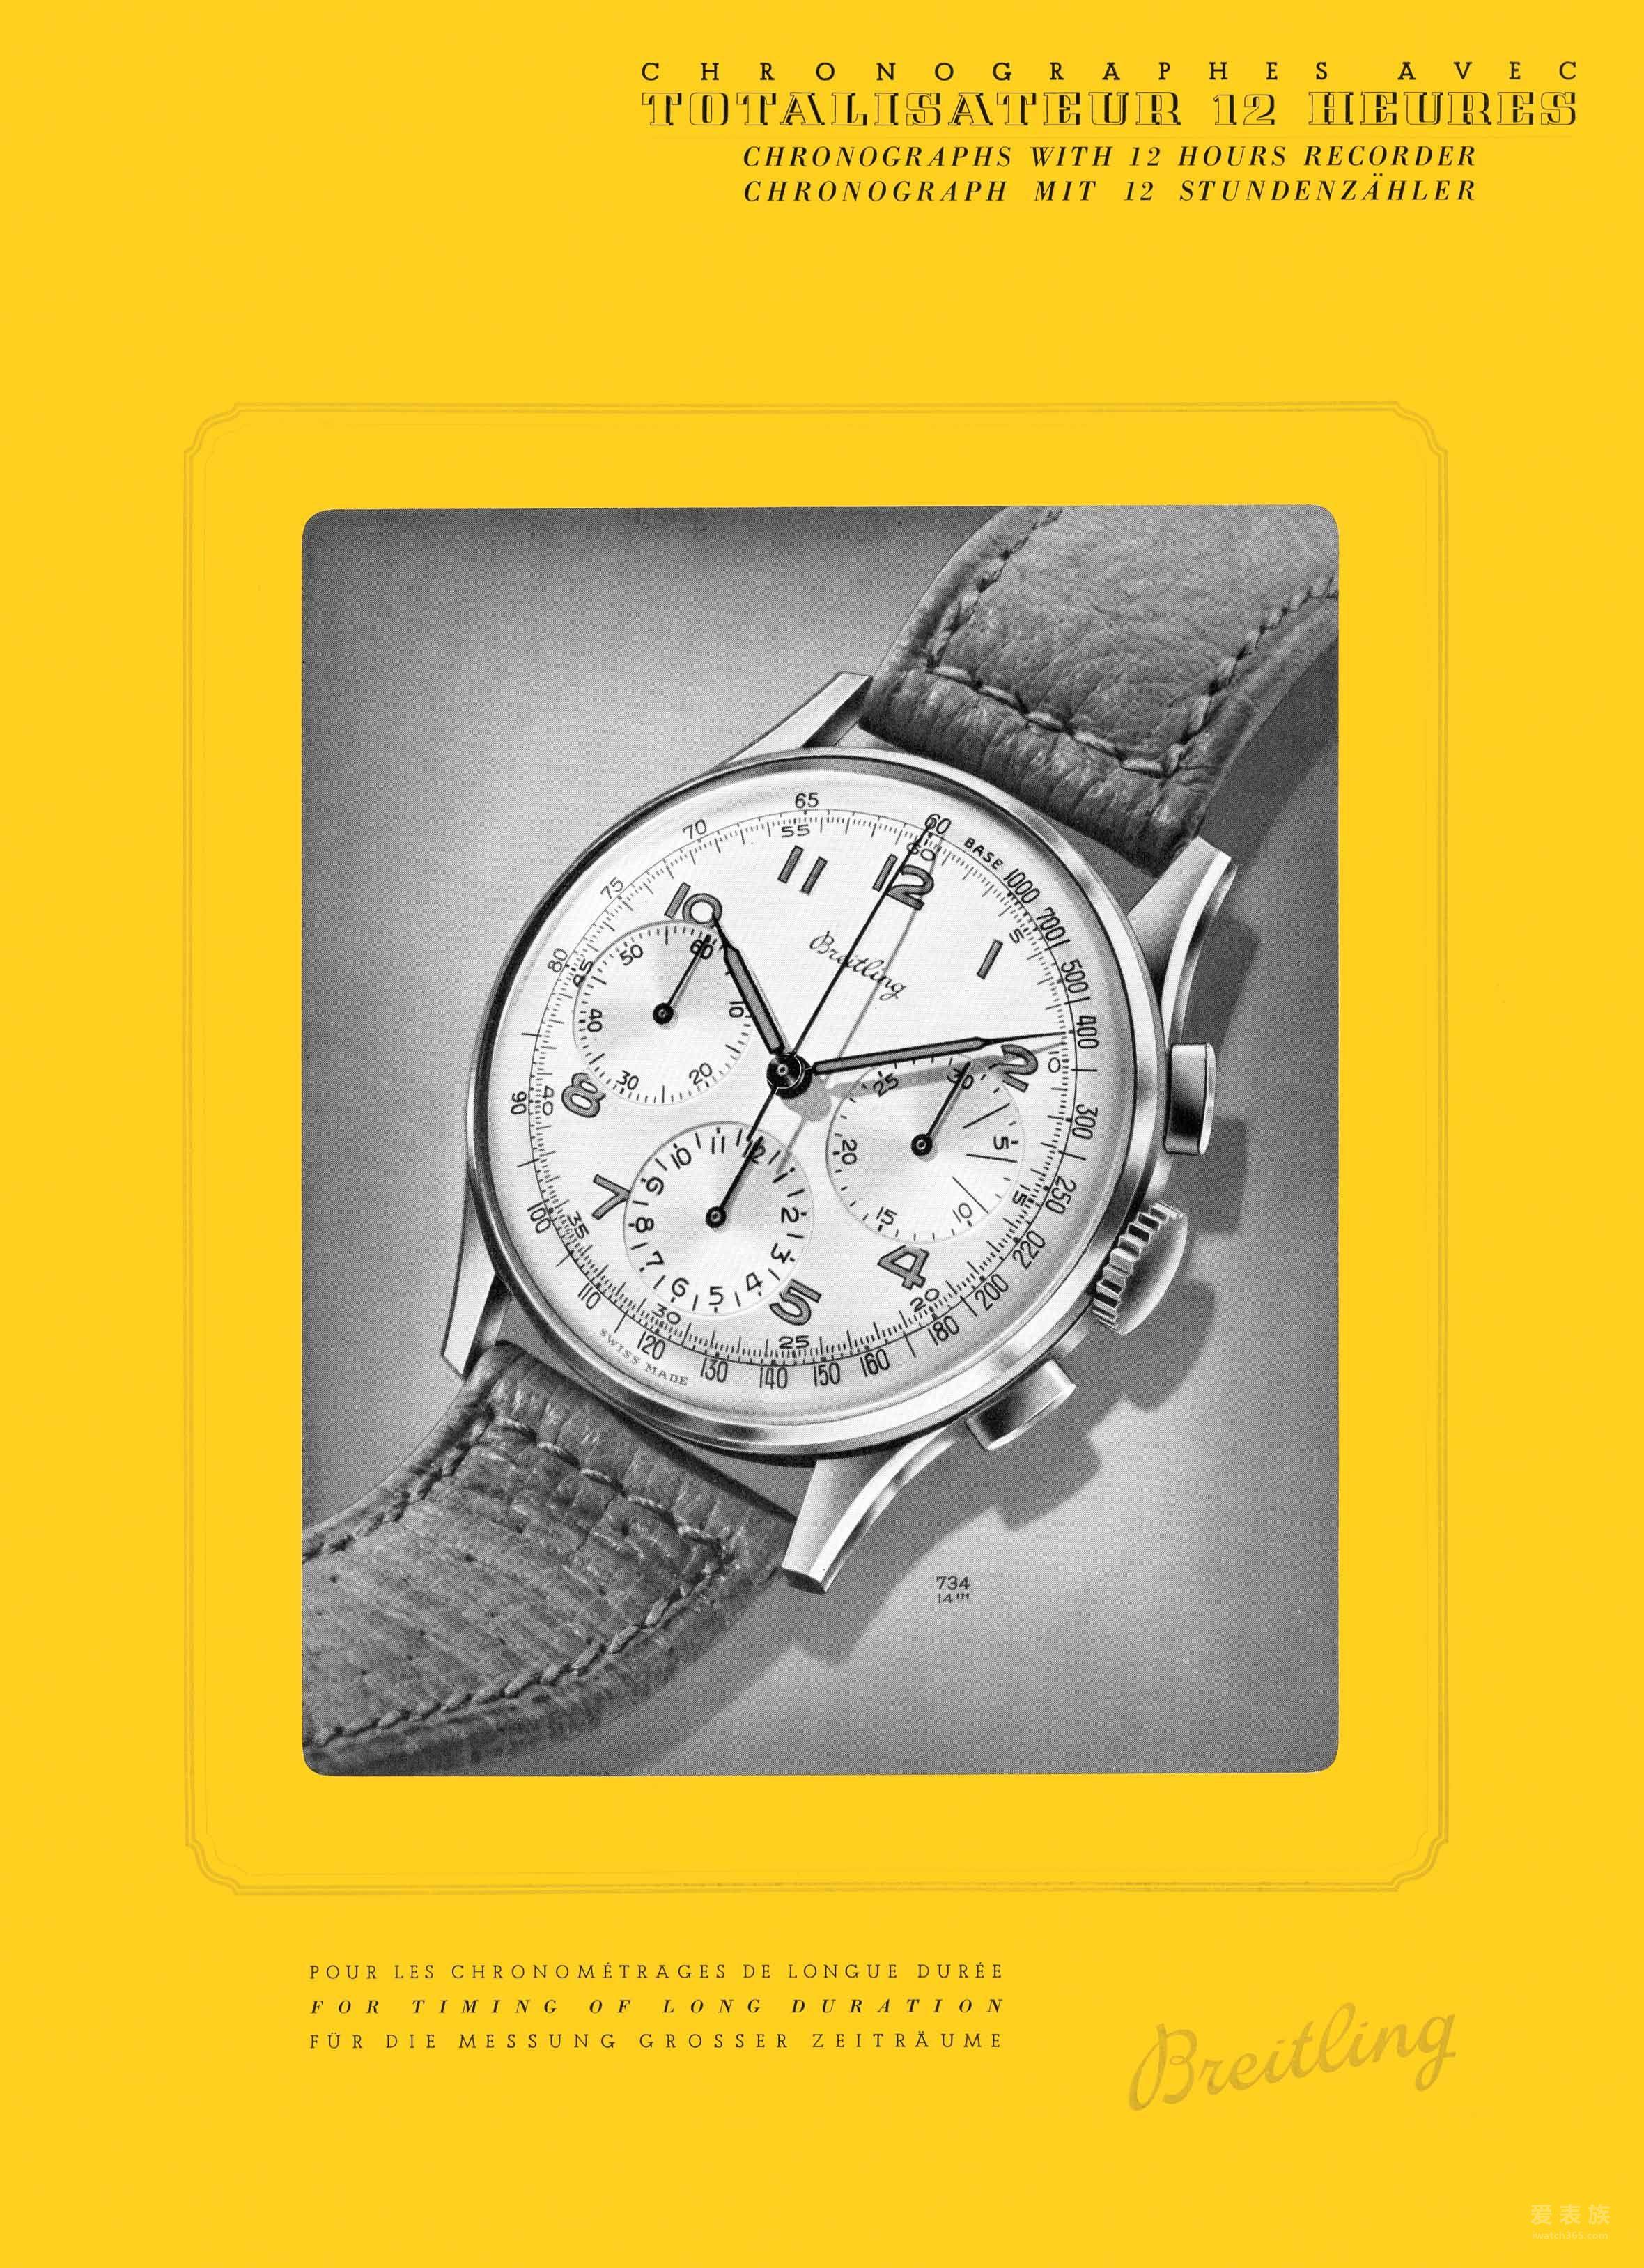 全新百年灵璞雅系列腕表 (PREMIER):功能和风格兼备